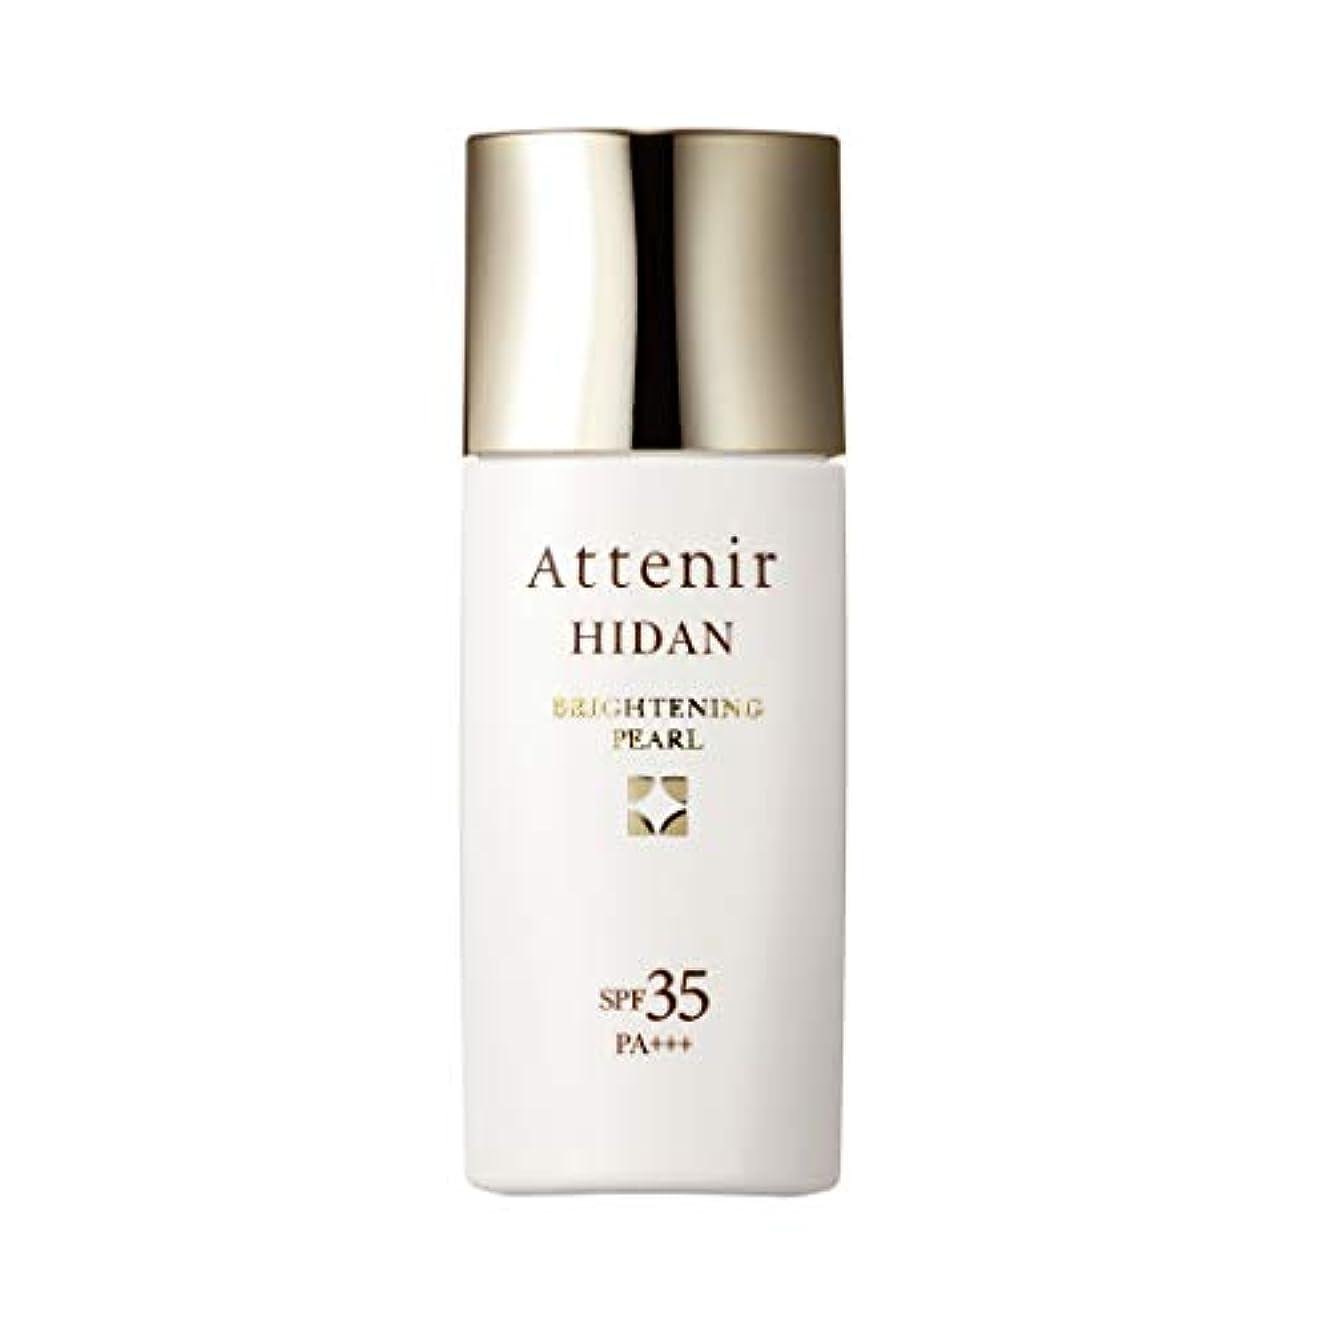 謝るスイング縞模様のアテニア 日焼け止め 陽断(ひだん) ブライトニングパール ミルクタイプ UV35 30ml SPF35 PA+++ ウォータープルーフ処方 顔用